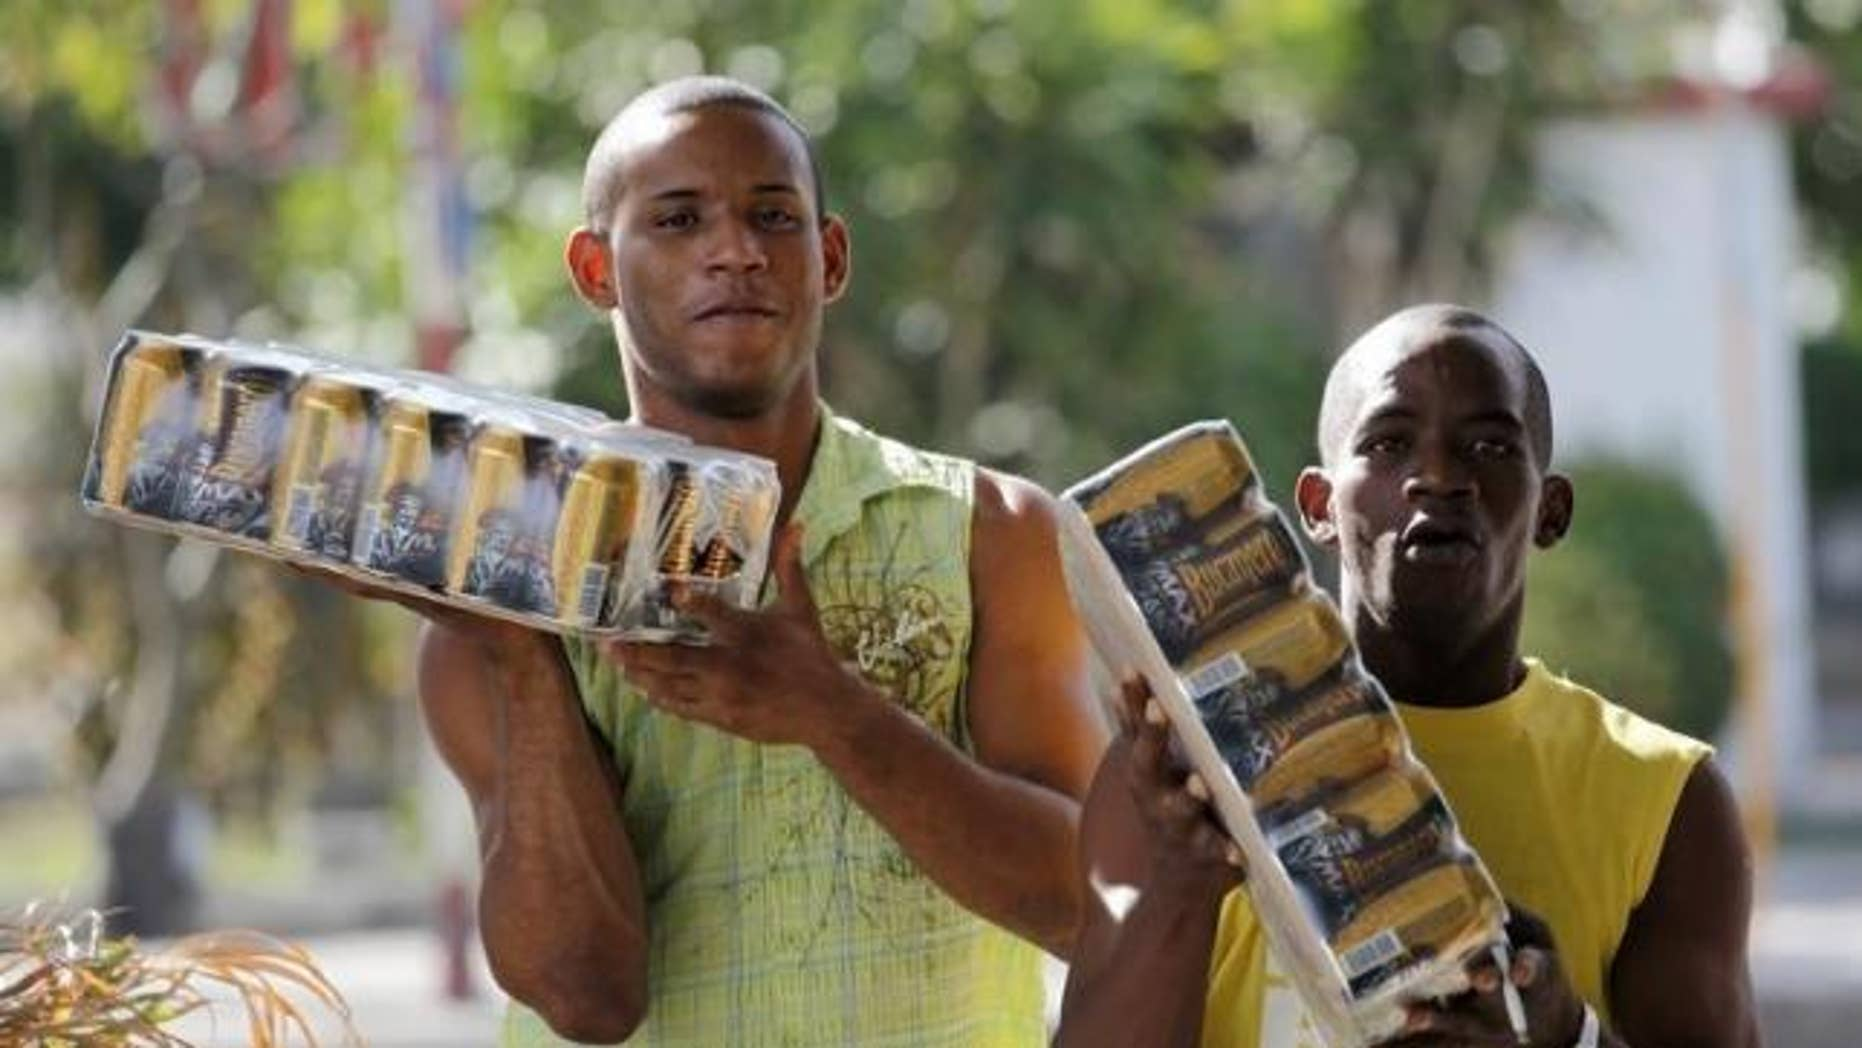 Men carry cartons of Bucanero beer in Havana, Cuba Oct. 20, 2009.